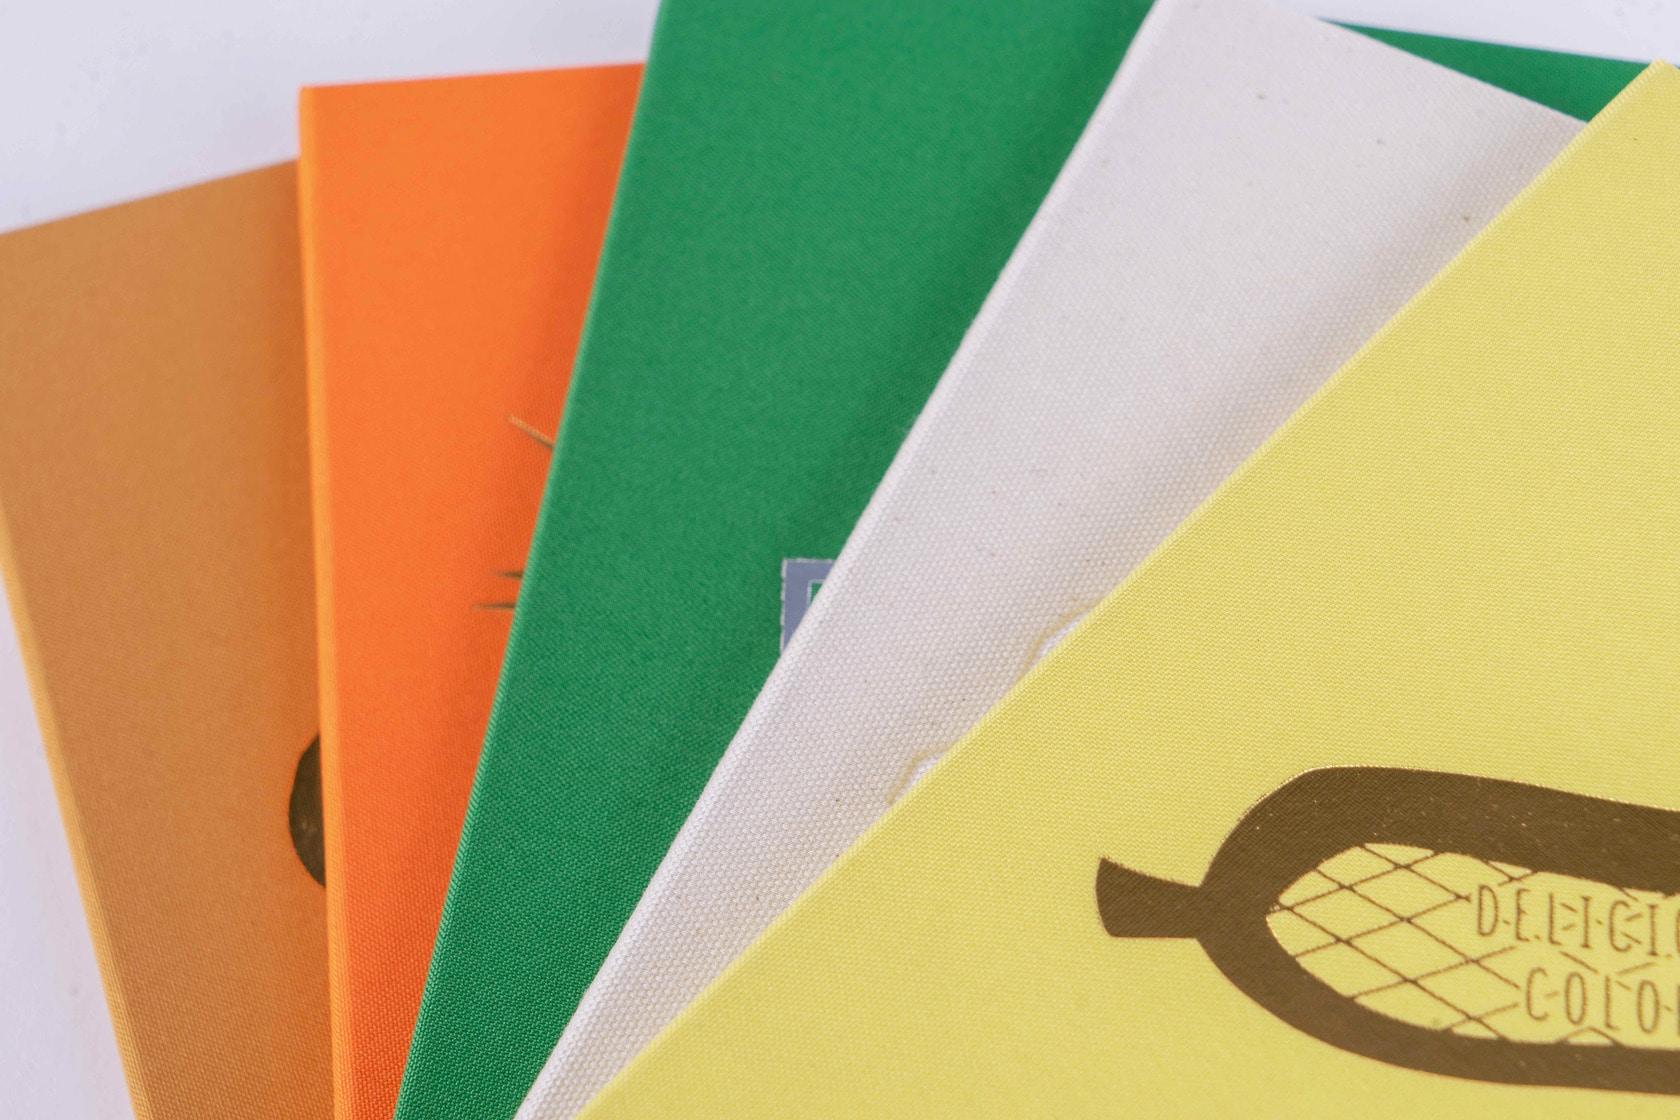 布貼りハードカバーの5種類のノート,booco DELICIOUS COLOR クロス仕上げ